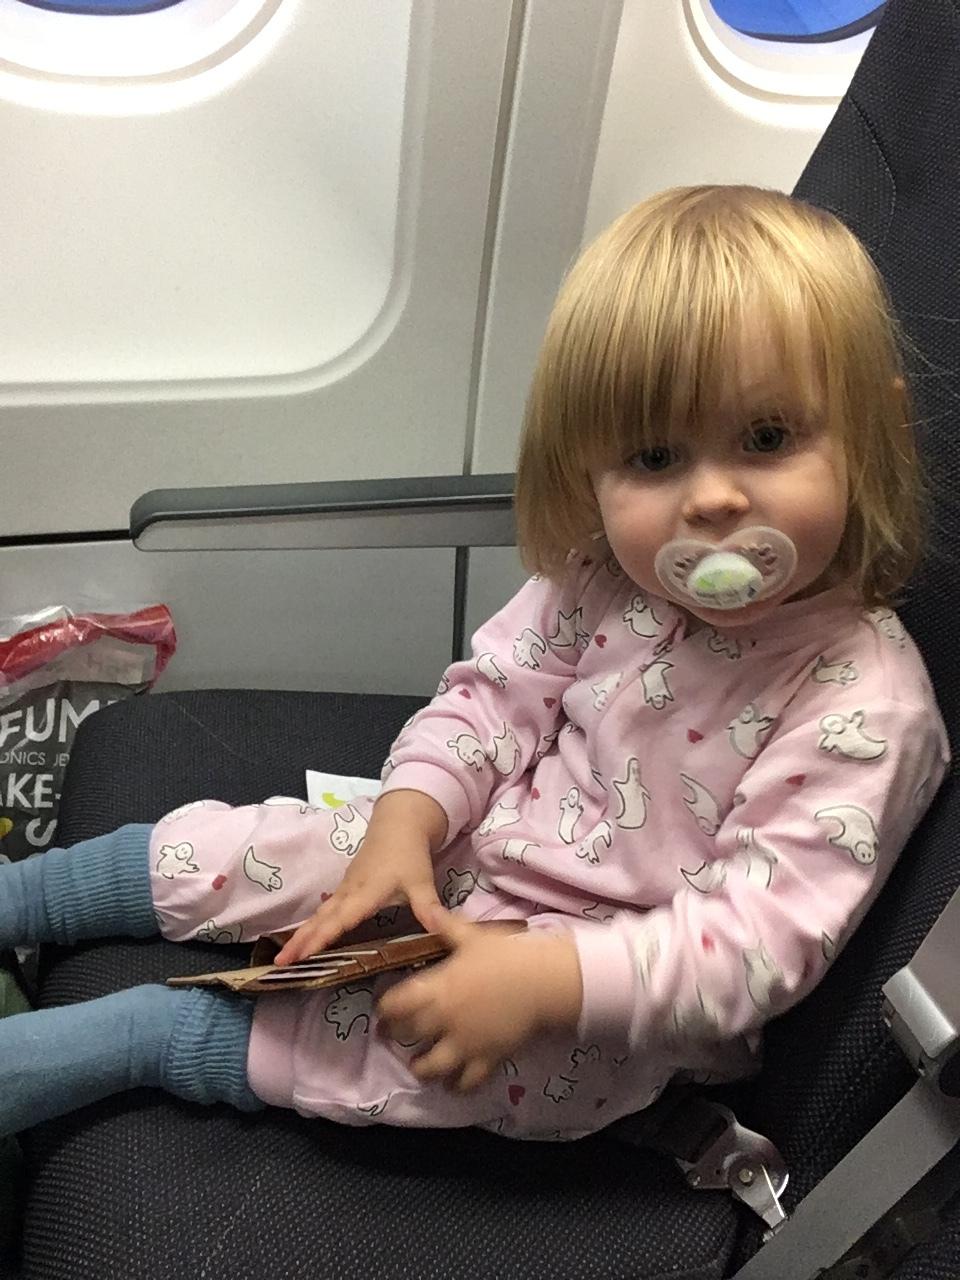 Pjamas-Edith på flygplanet